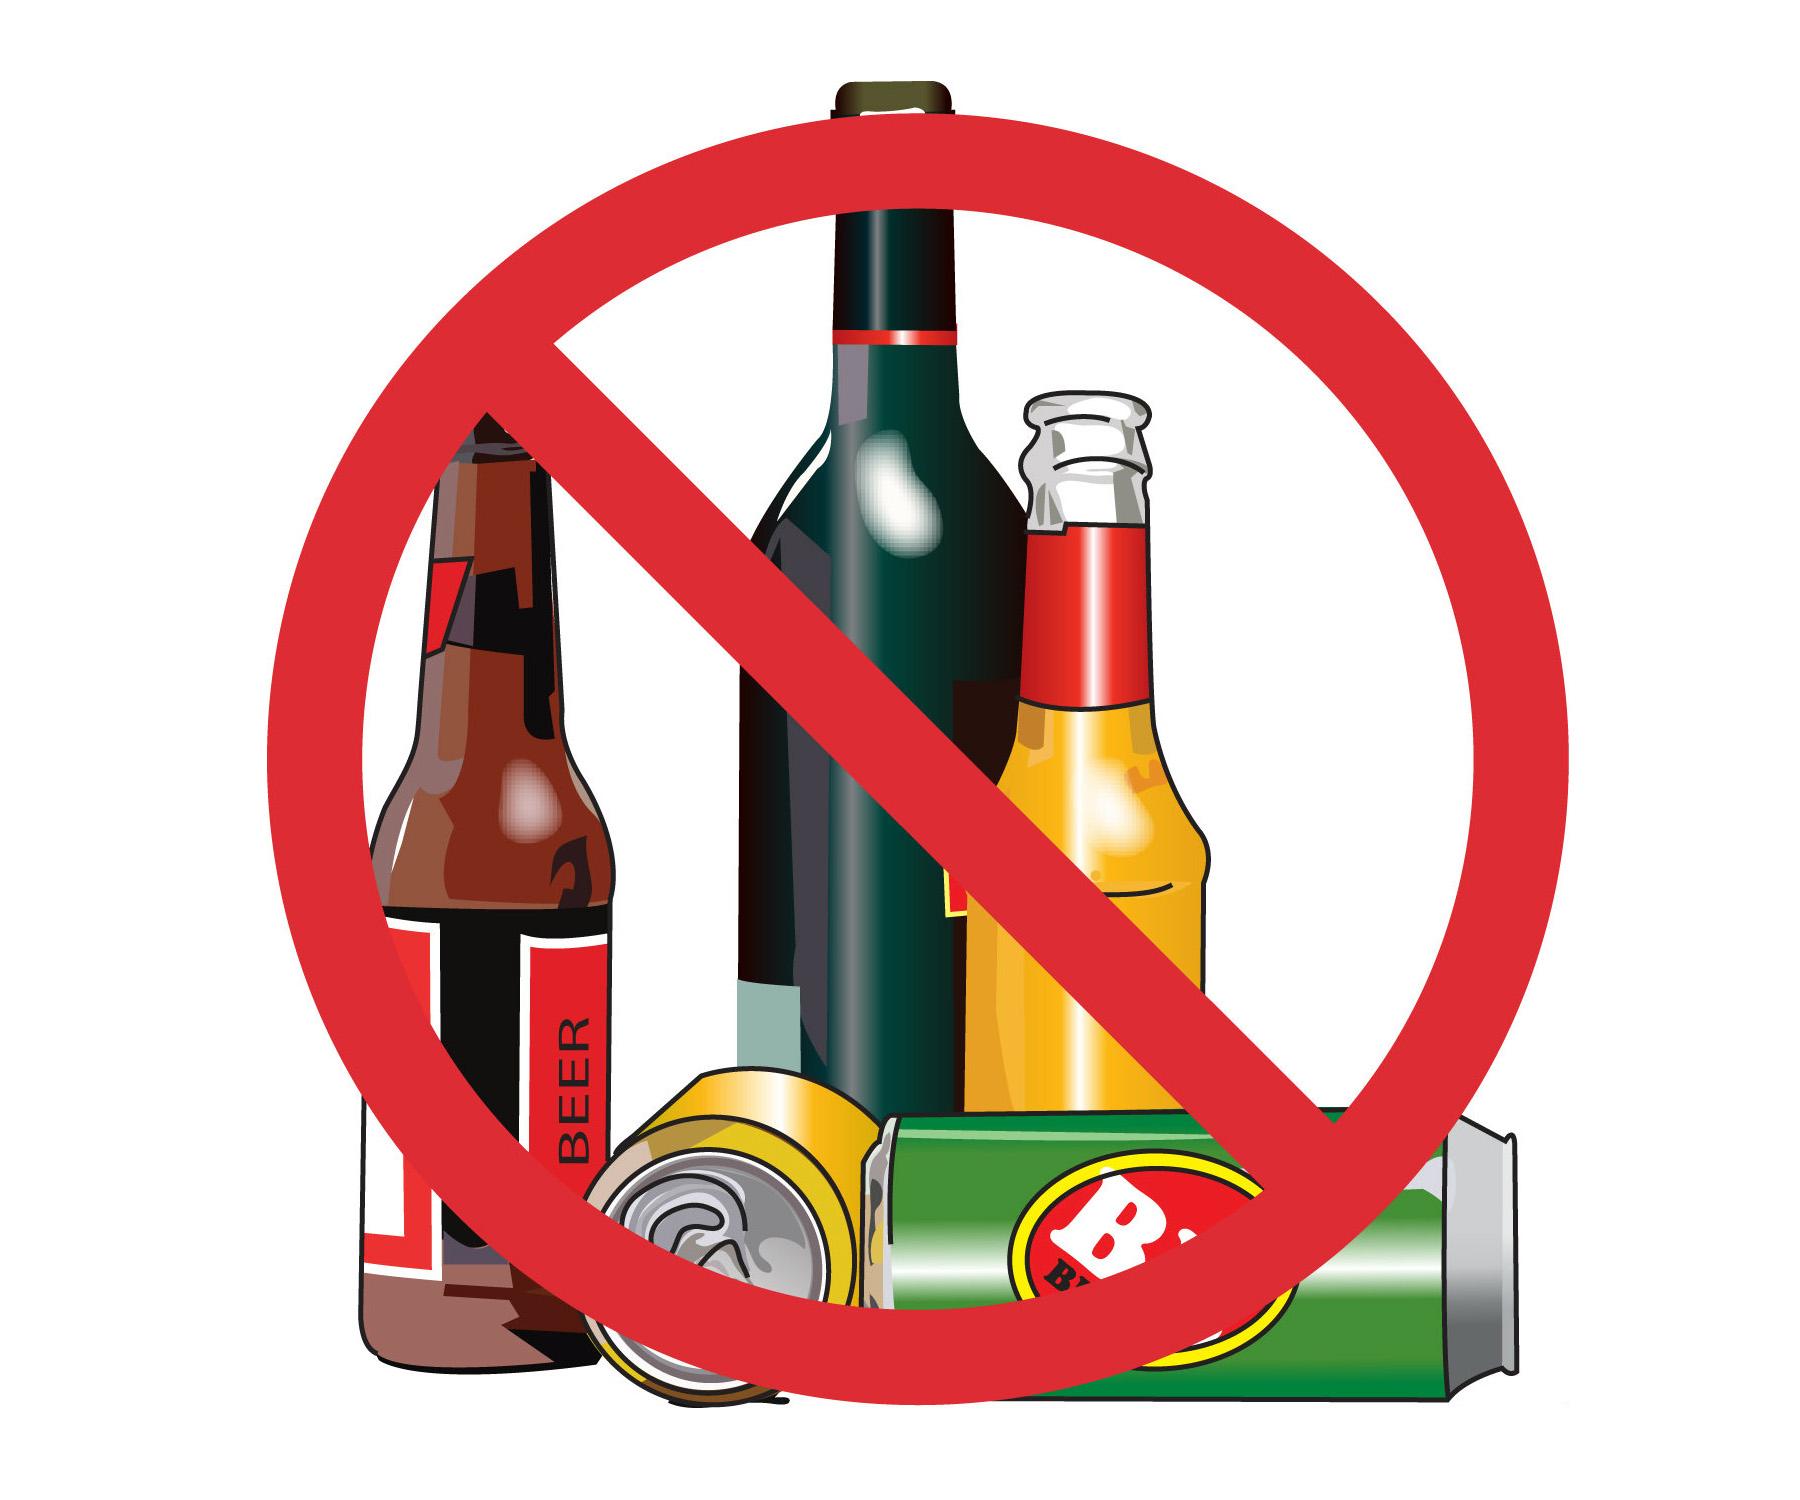 5 ผลเสียของแอลกอฮอล์และข้อดีที่น่าแปลกใจ 4 ประการ